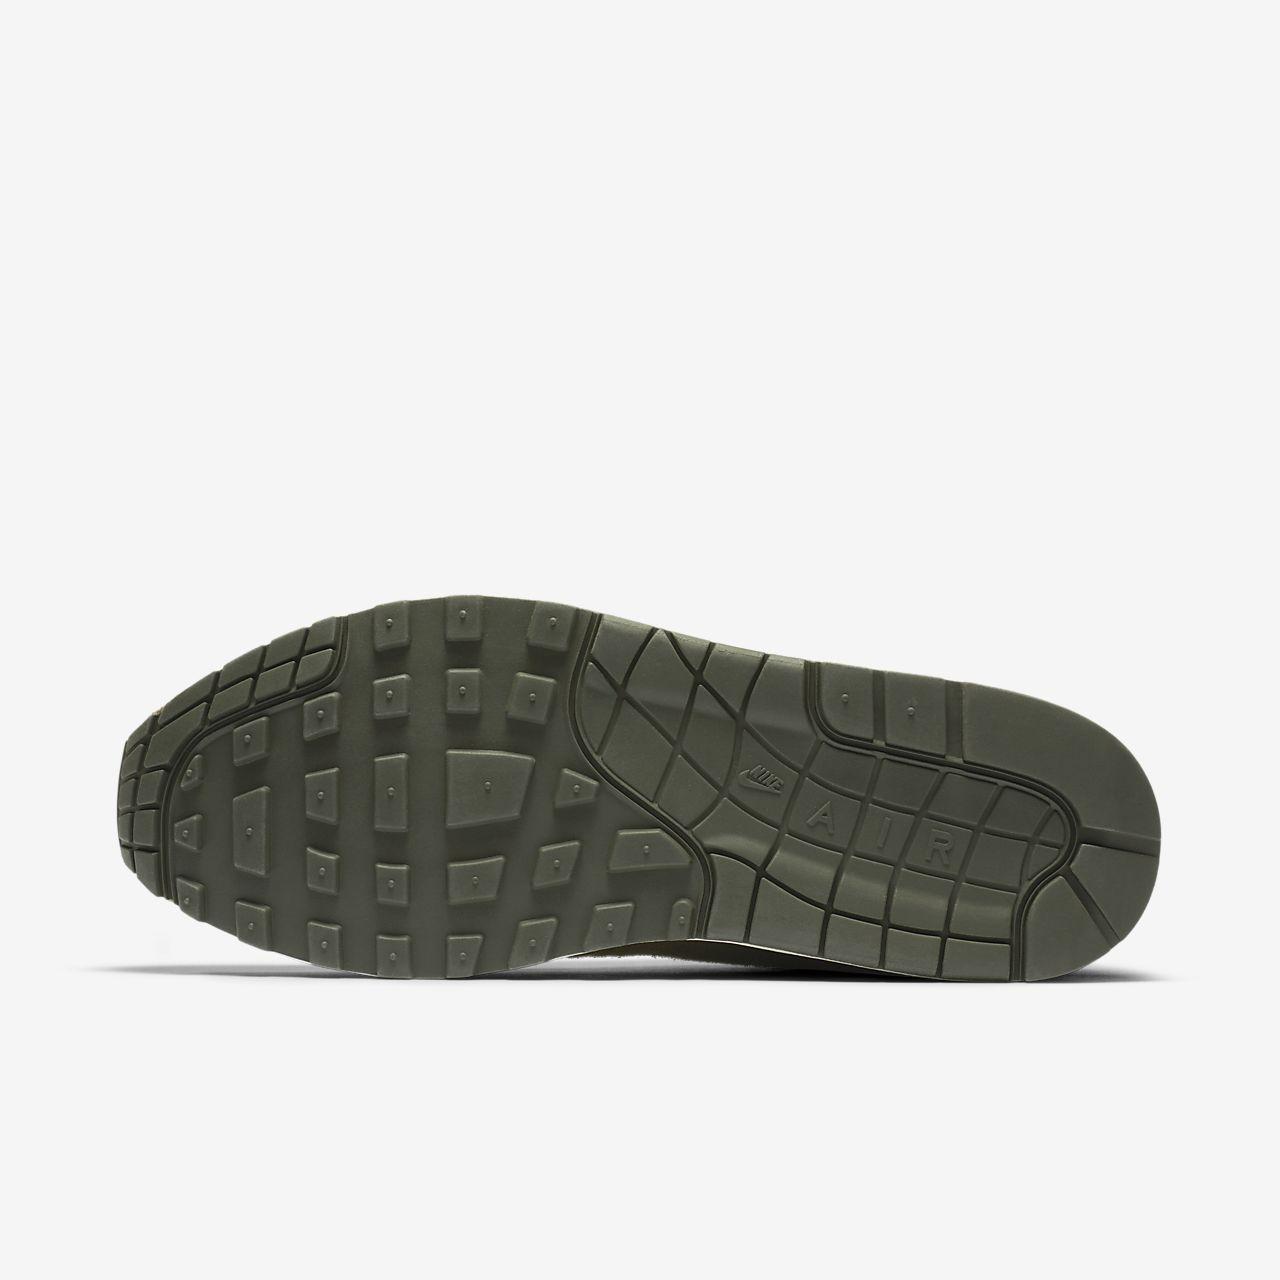 newest cbc4a 0caba ... Sko Nike Air Max 1 Premium för män